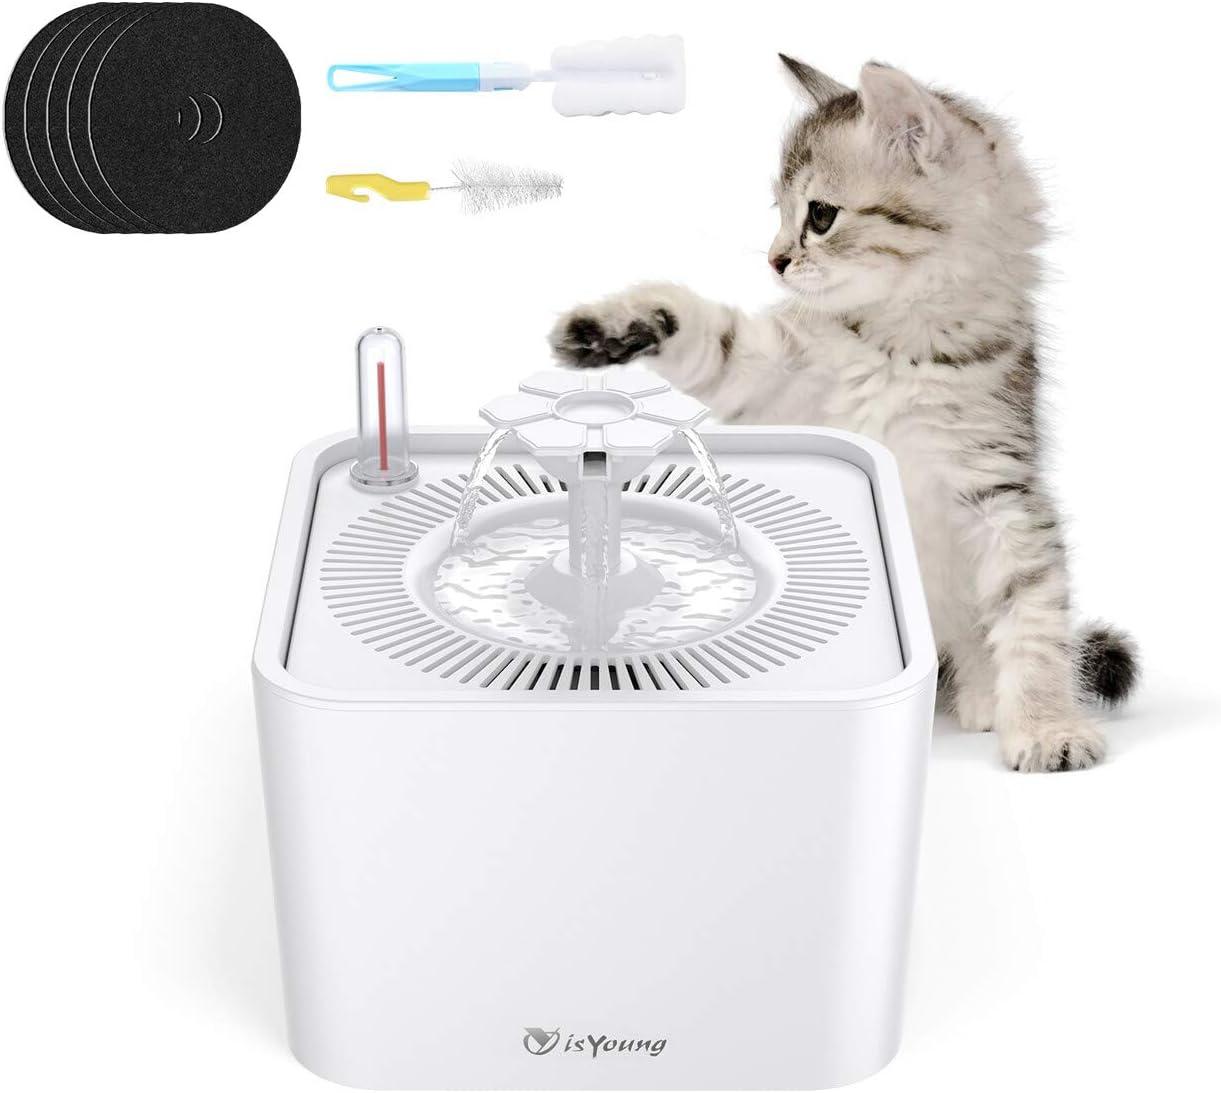 isYoung Bebedero Gatos Fuente Silencioso 2.2L para Perros y Gatos Bebedero Automático Fuente de Agua para Mascotas con 5 Filtros